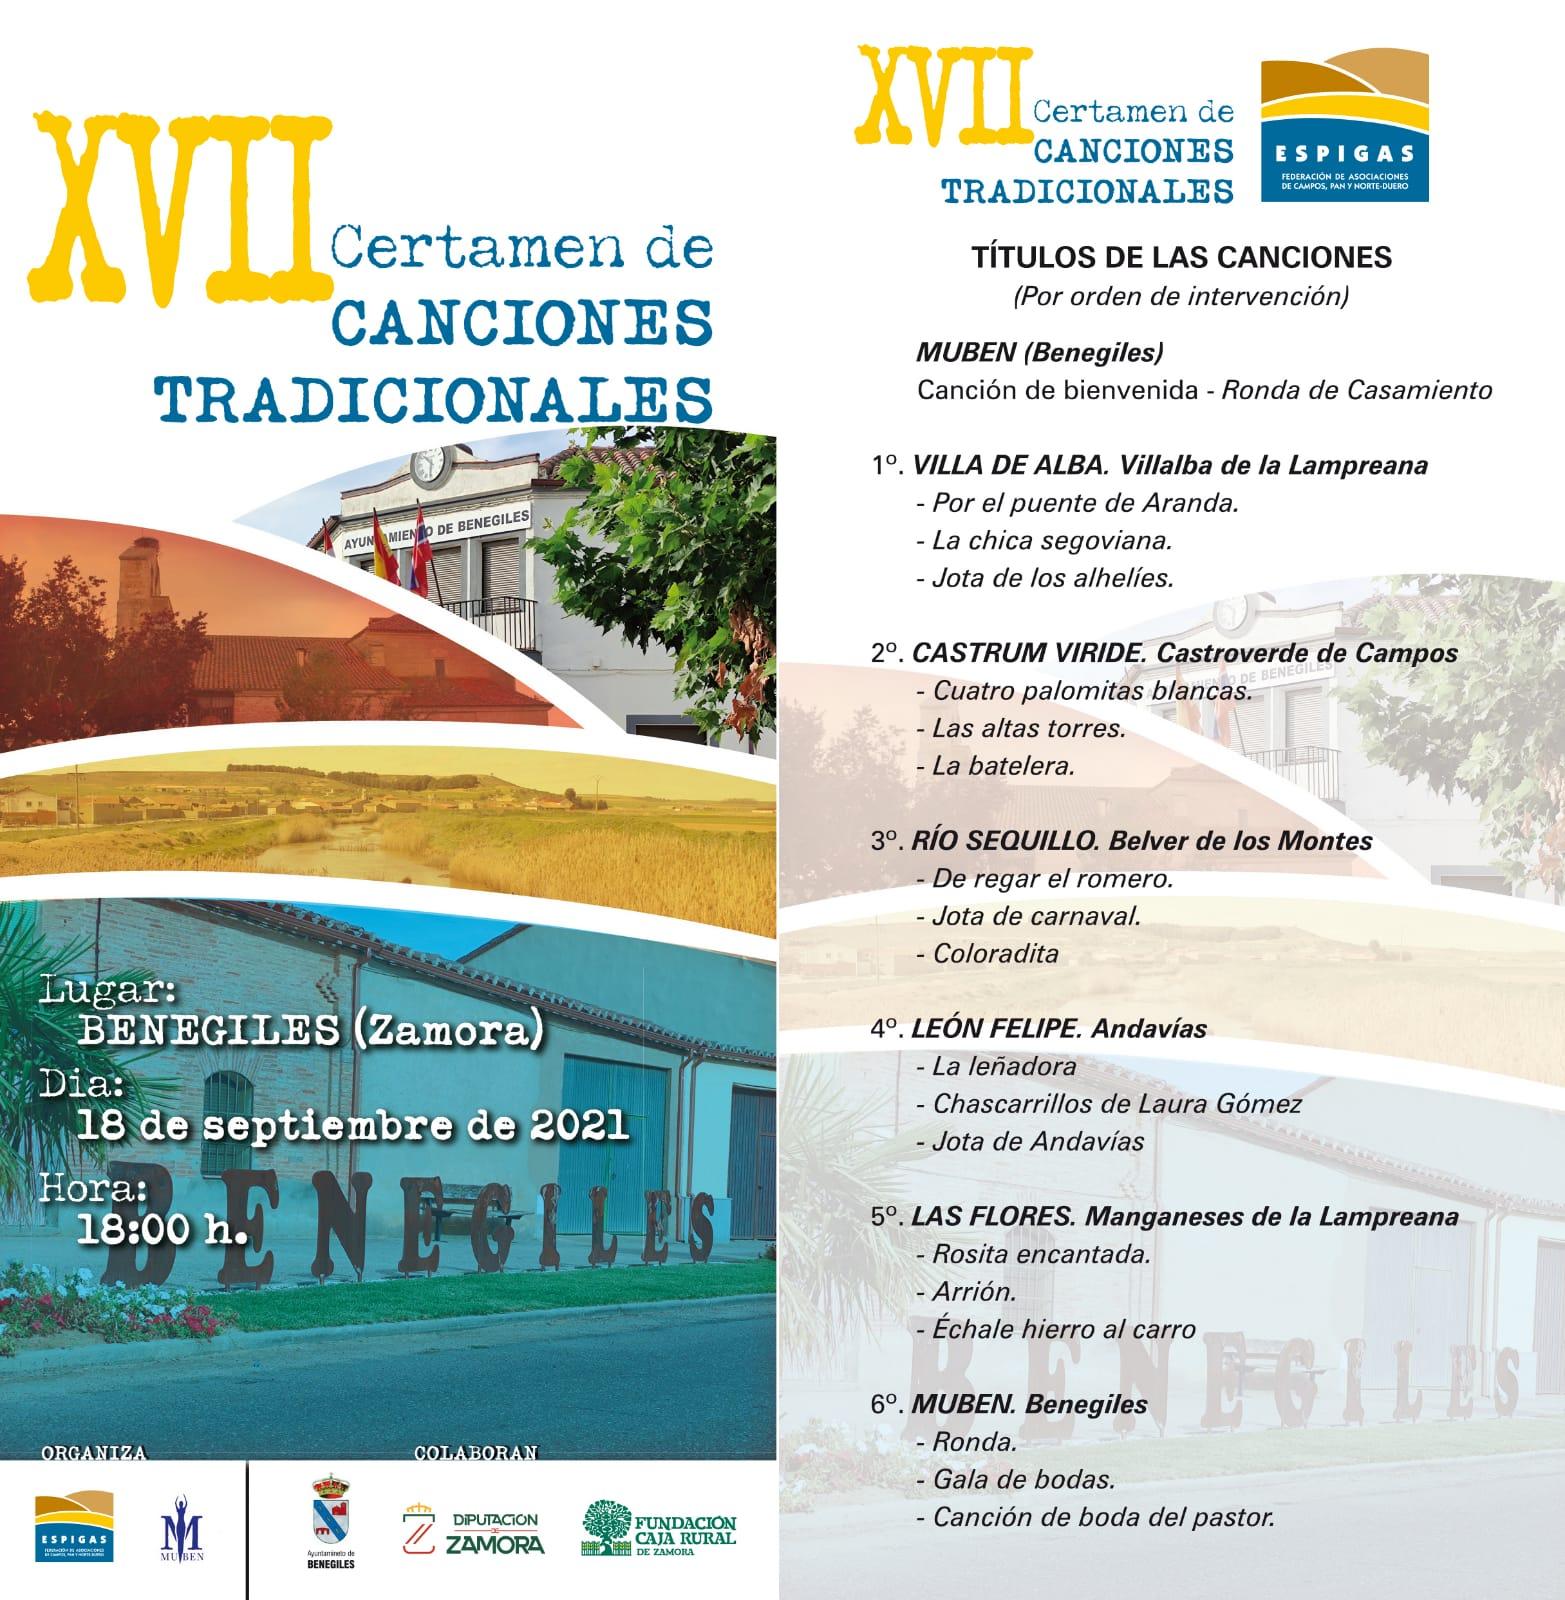 XVII CERTAMEN DE CANCIONES TRADICIONALES